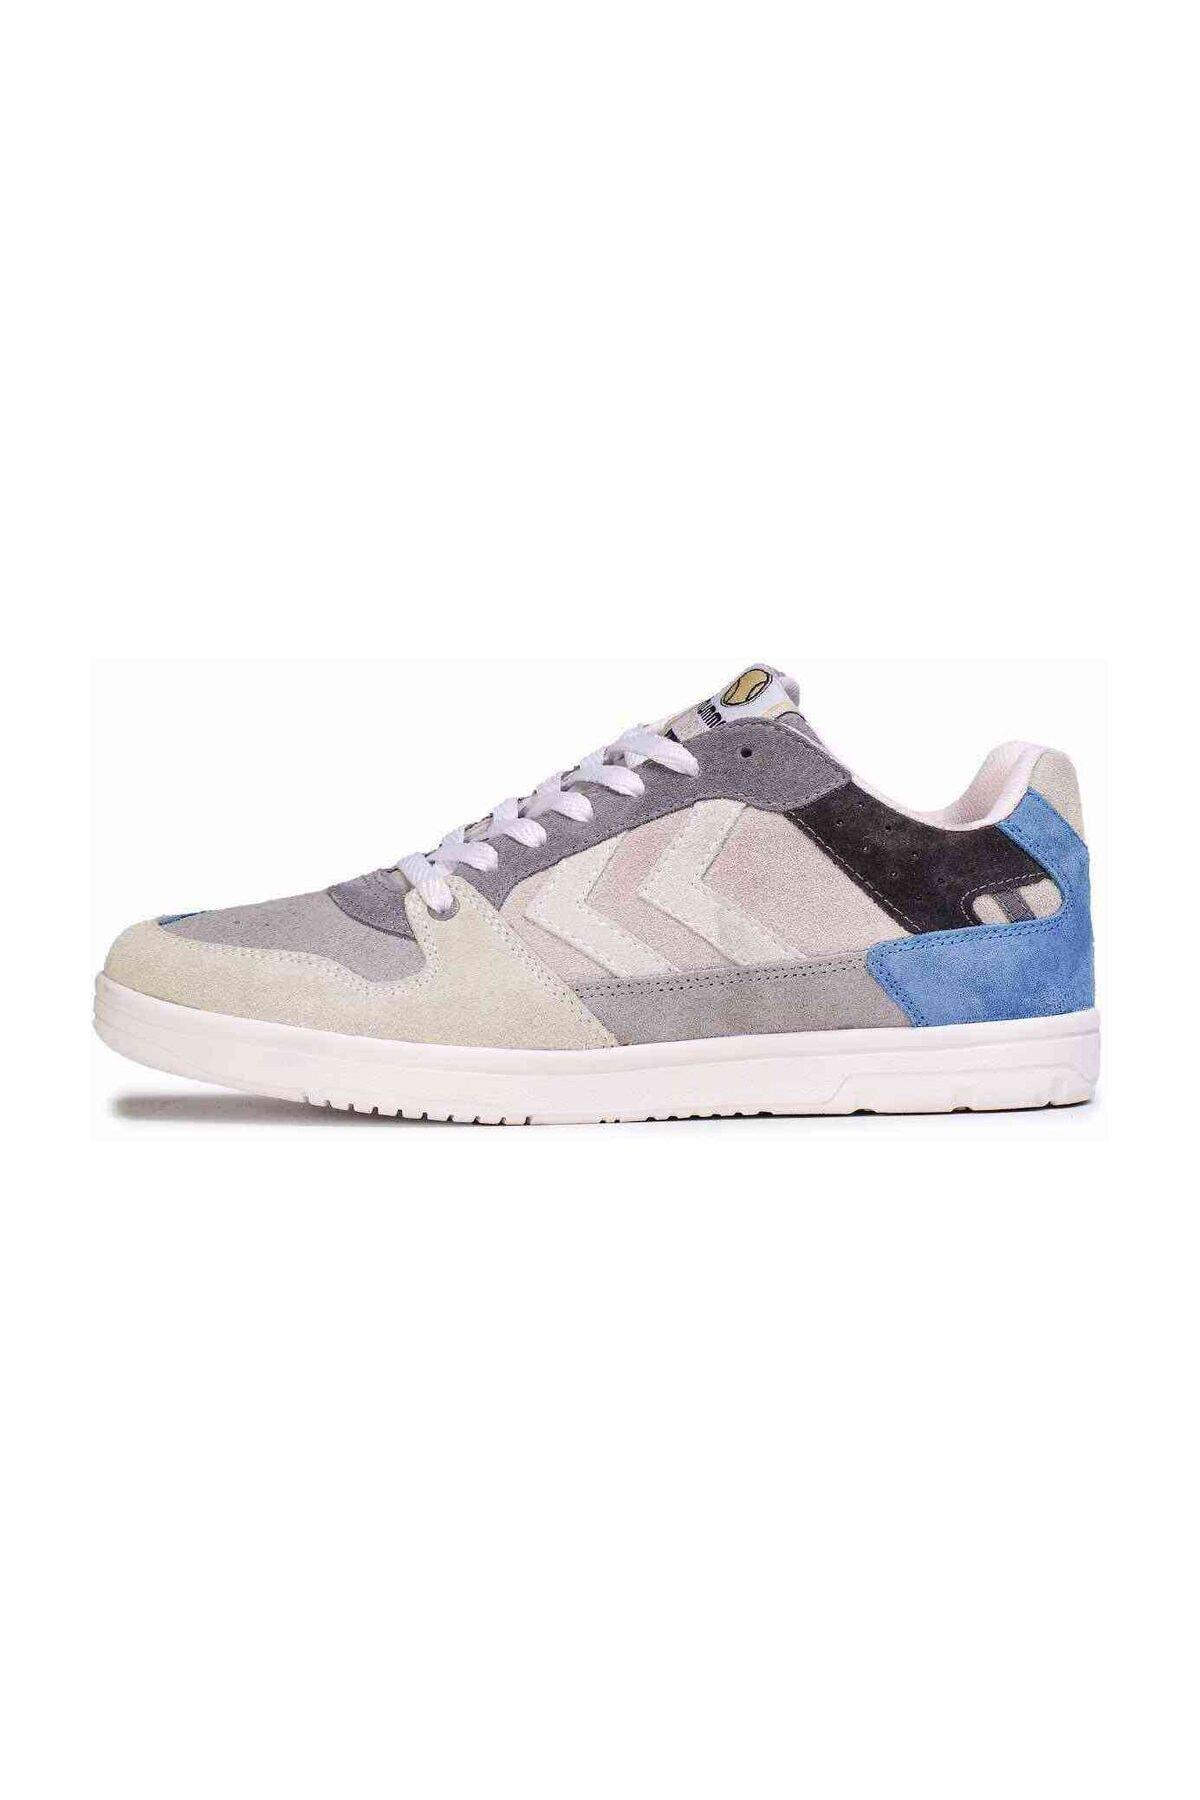 HUMMEL Erkek Hmlpower Play Multı Color Sneaker Günlük Ayakkabı 2